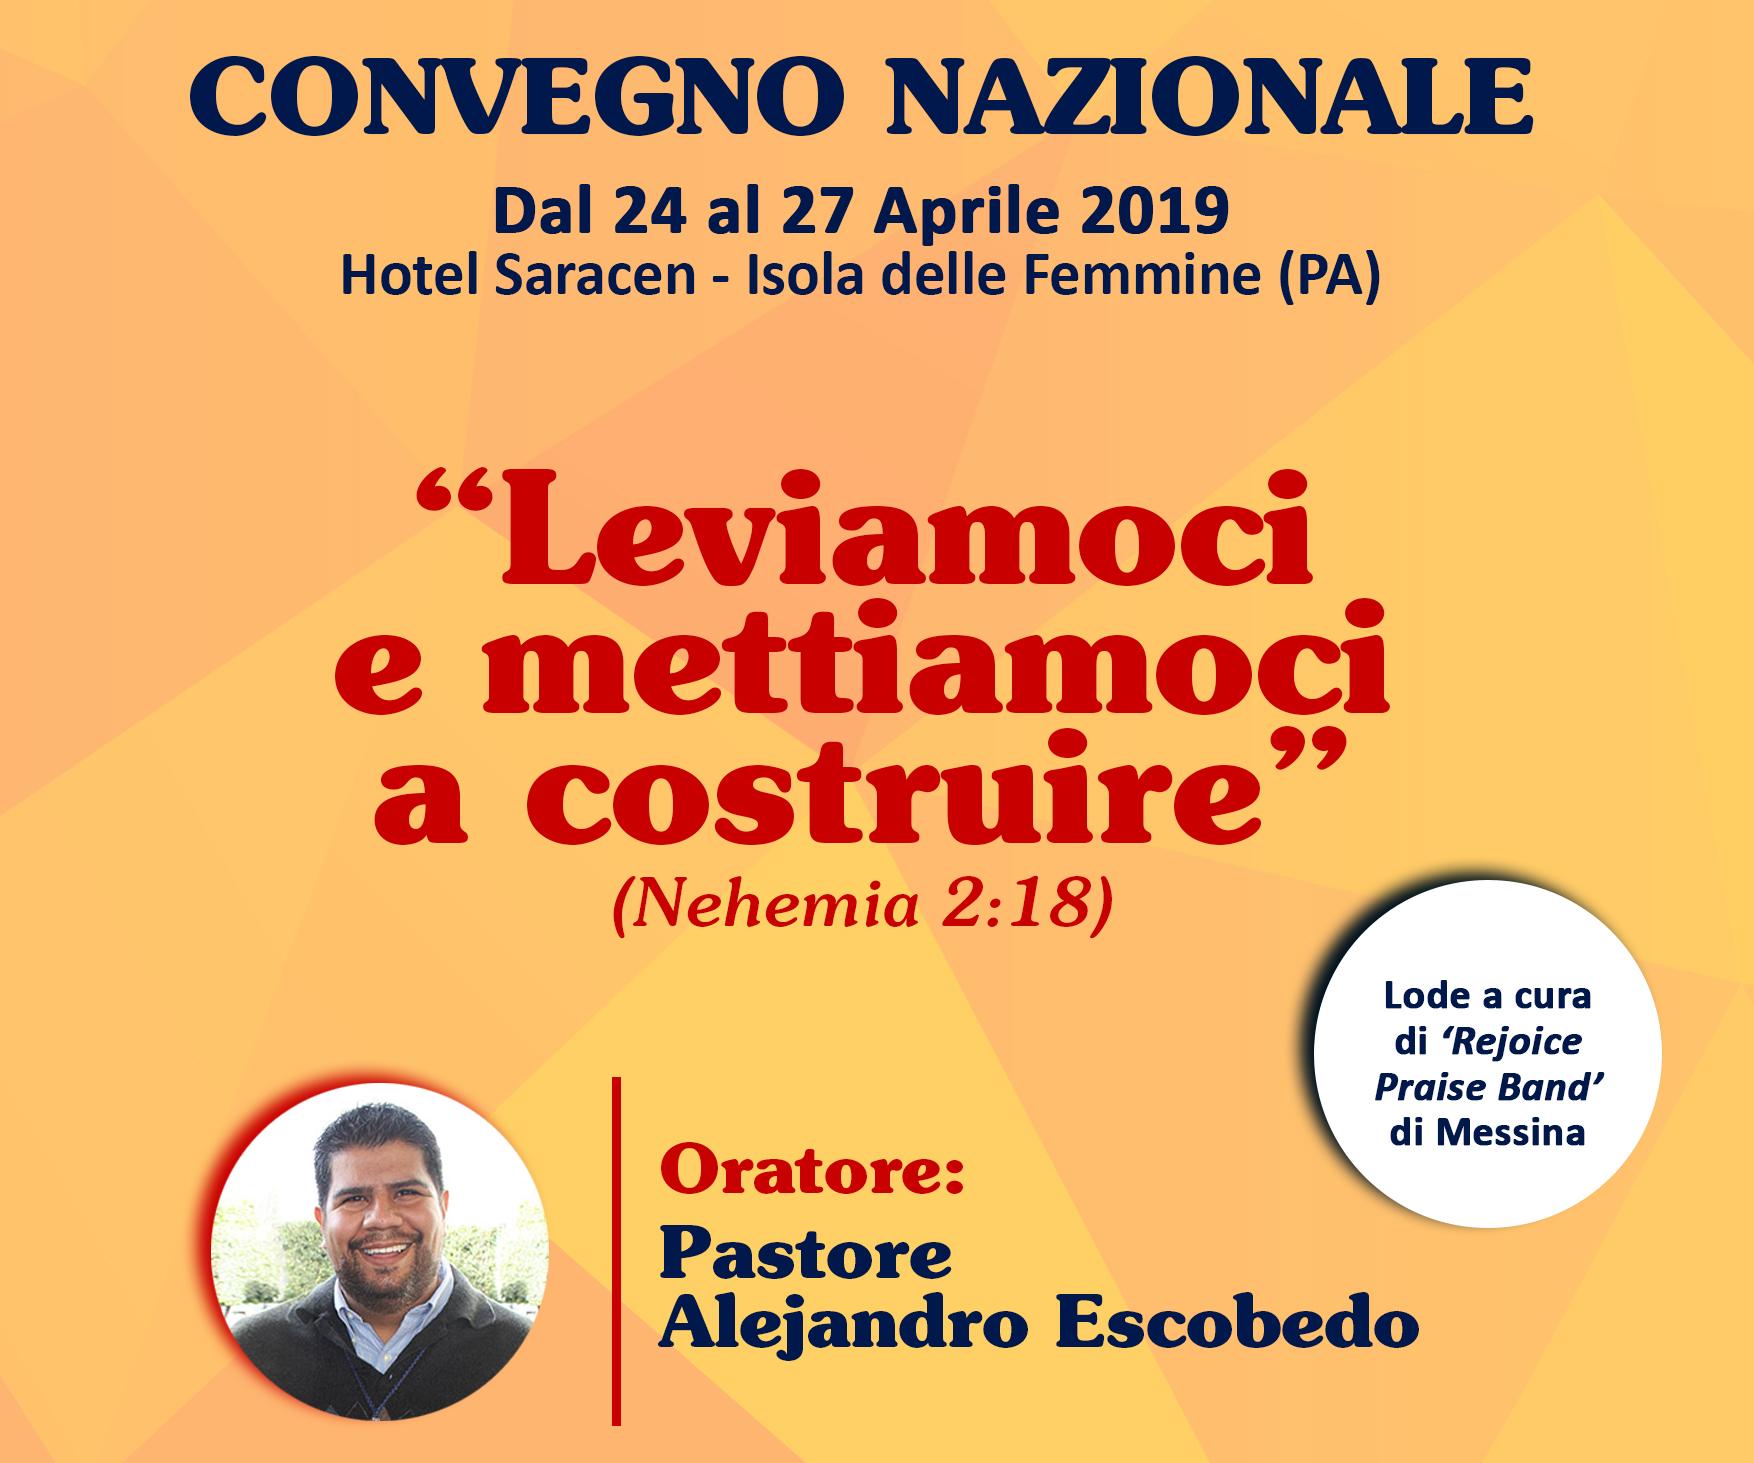 Prossimamente… Convegno Nazionale ELIM – Dal 24 al 27 APRILE 2019, Hotel Saracen, Palermo